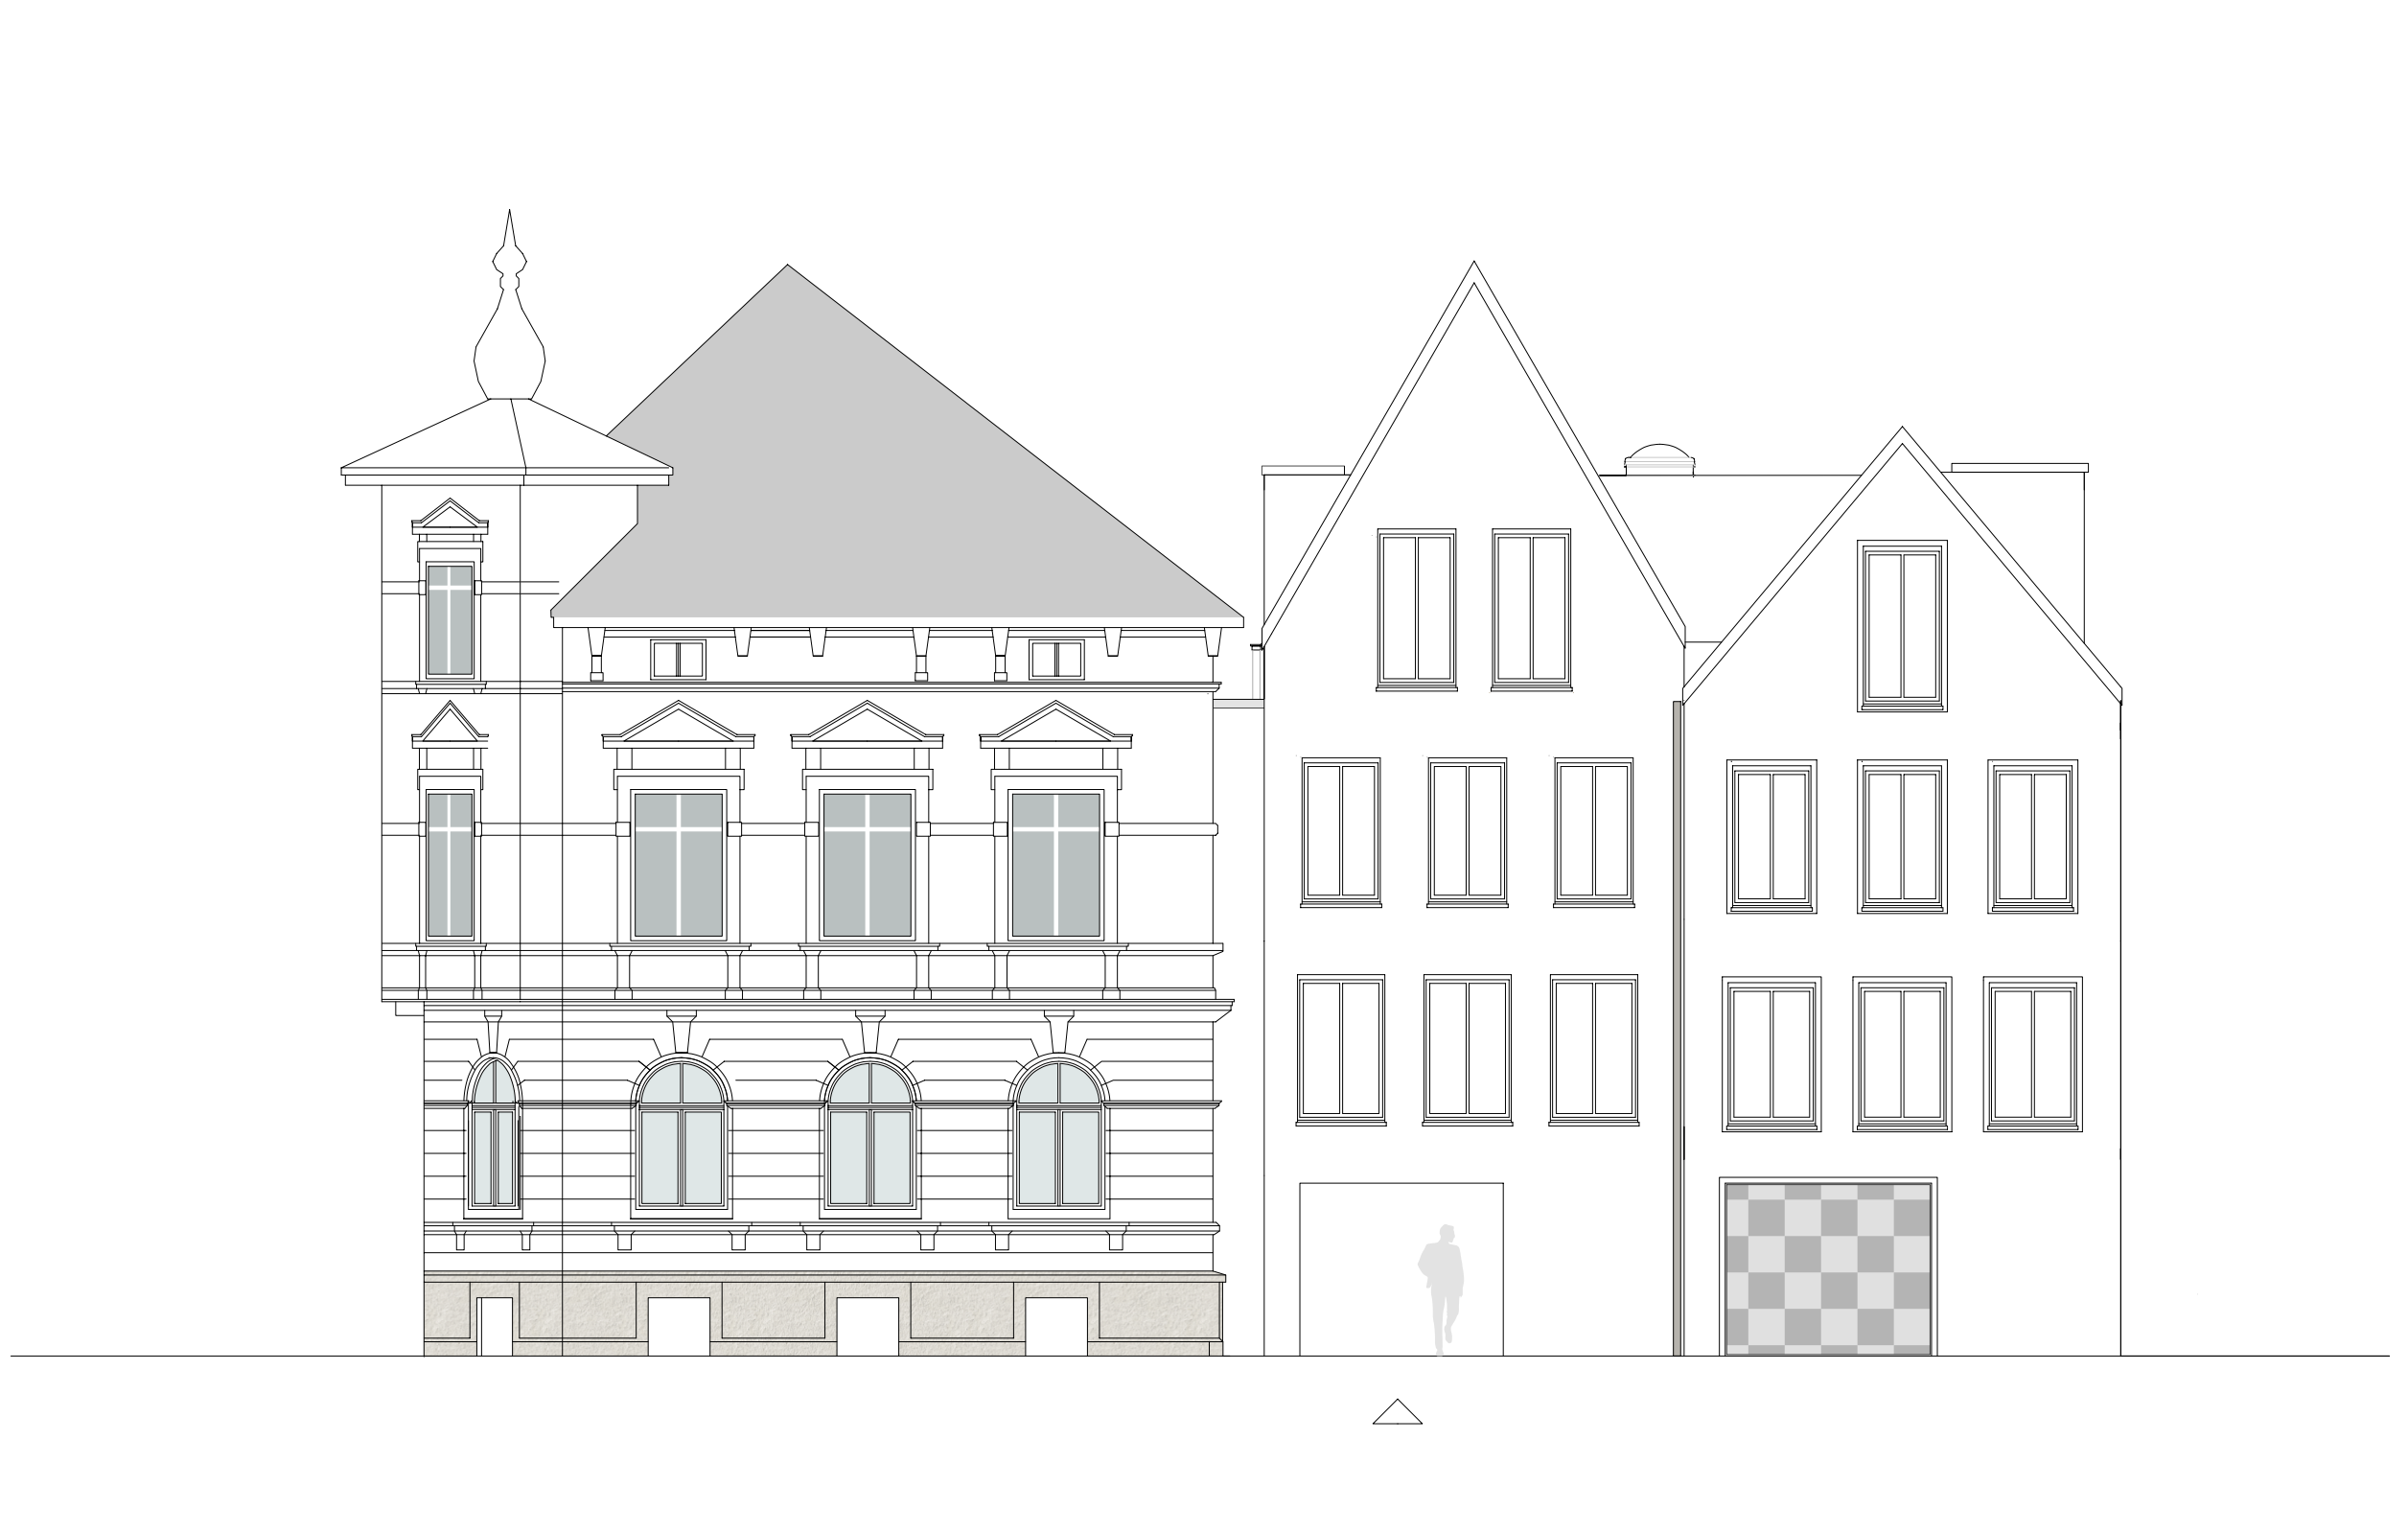 Sanierung eines denkmalgeschützten Gebäudes in der Martinistrasse | Architektur Osnabrück